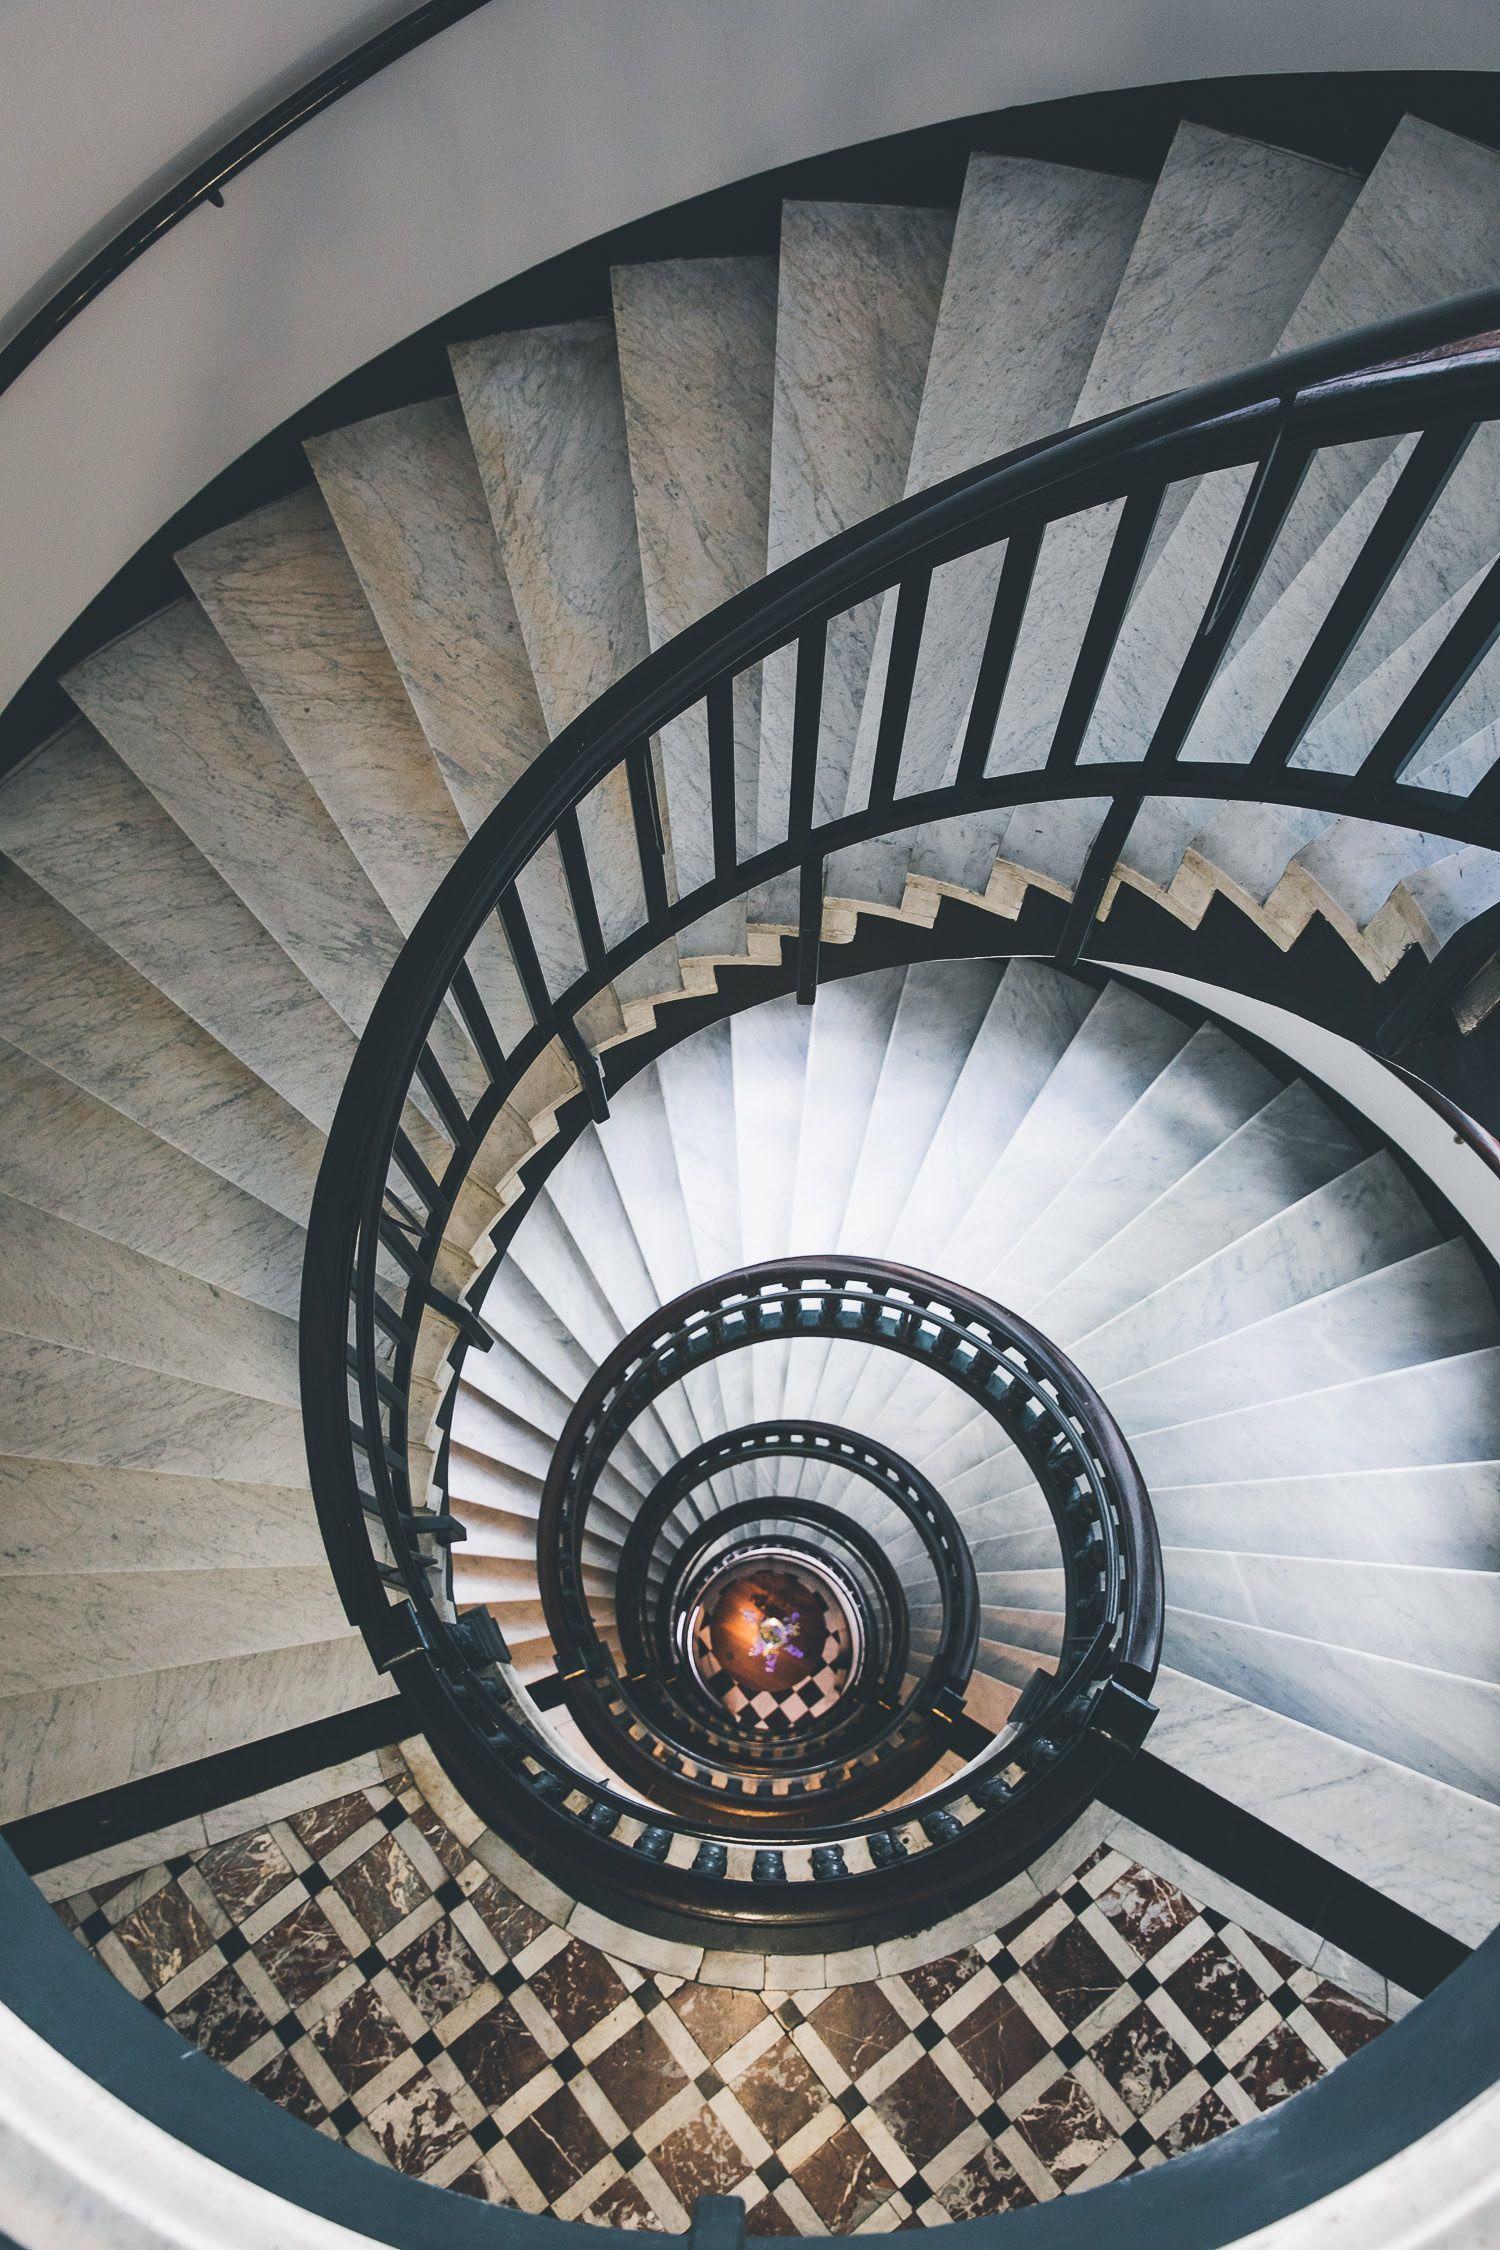 Wohnen In Stockholm treppenhaus im nobis hotel in stockholm wohnen stockholm